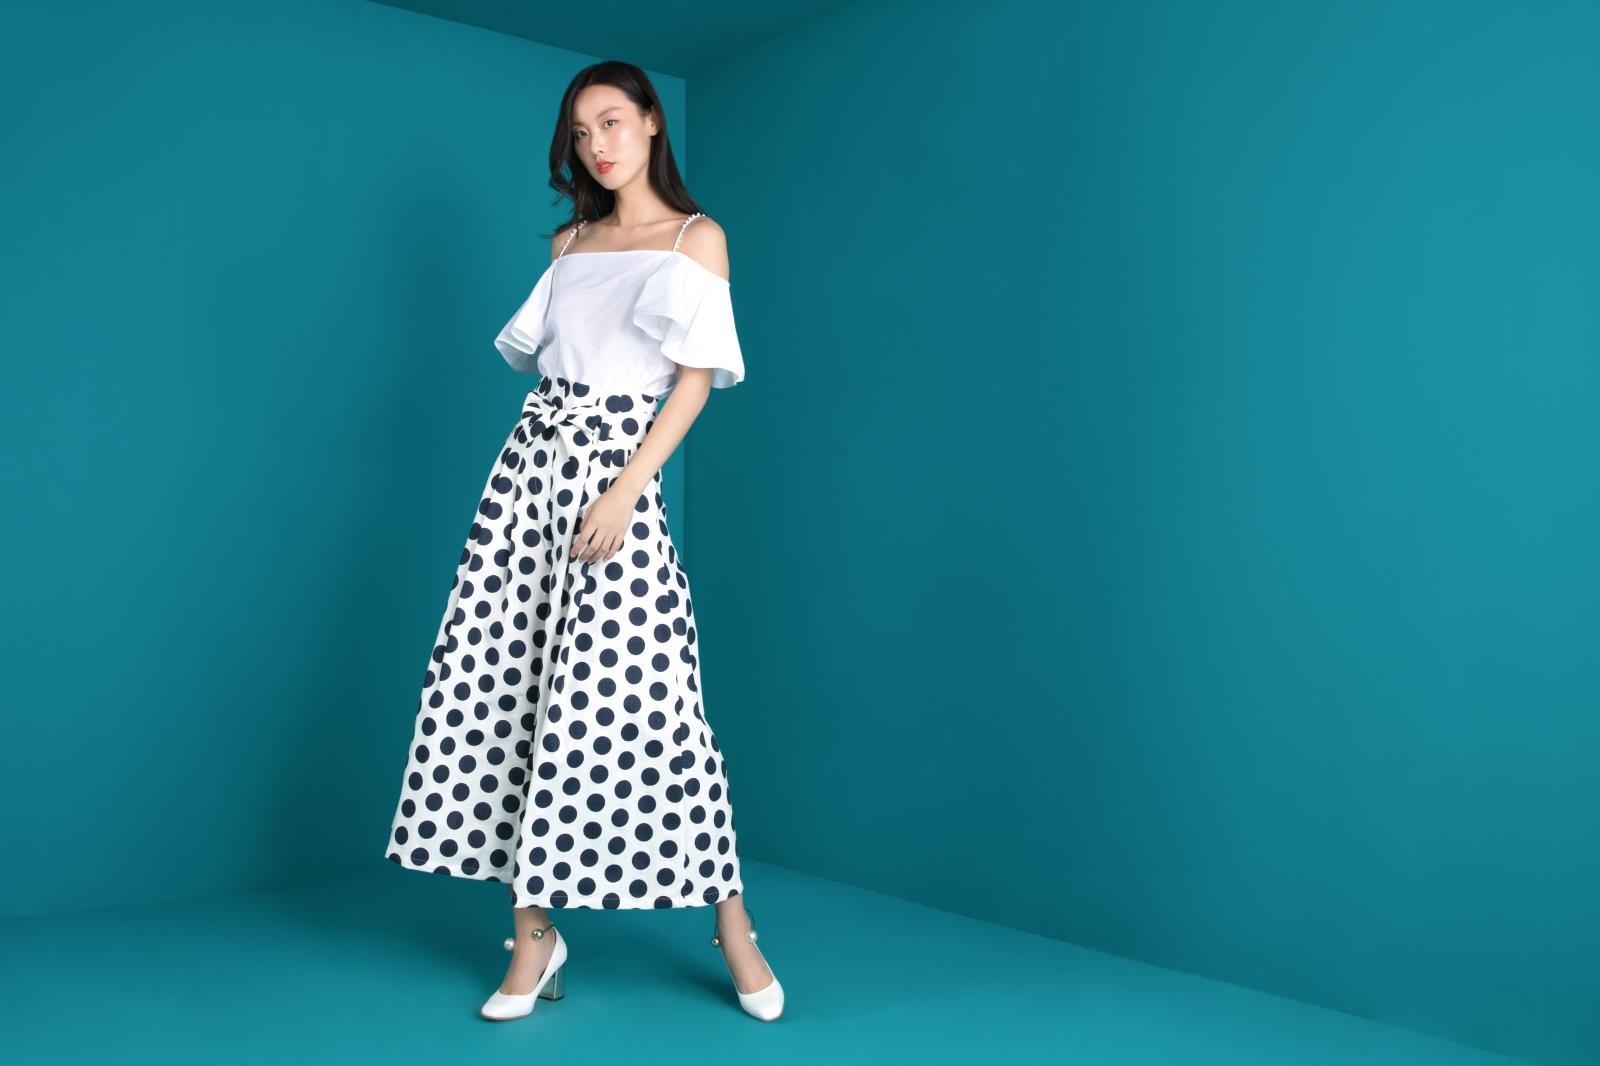 TRACYCHU 秋季女装新品首发黑白波点高腰薄款宽松阔腿裤